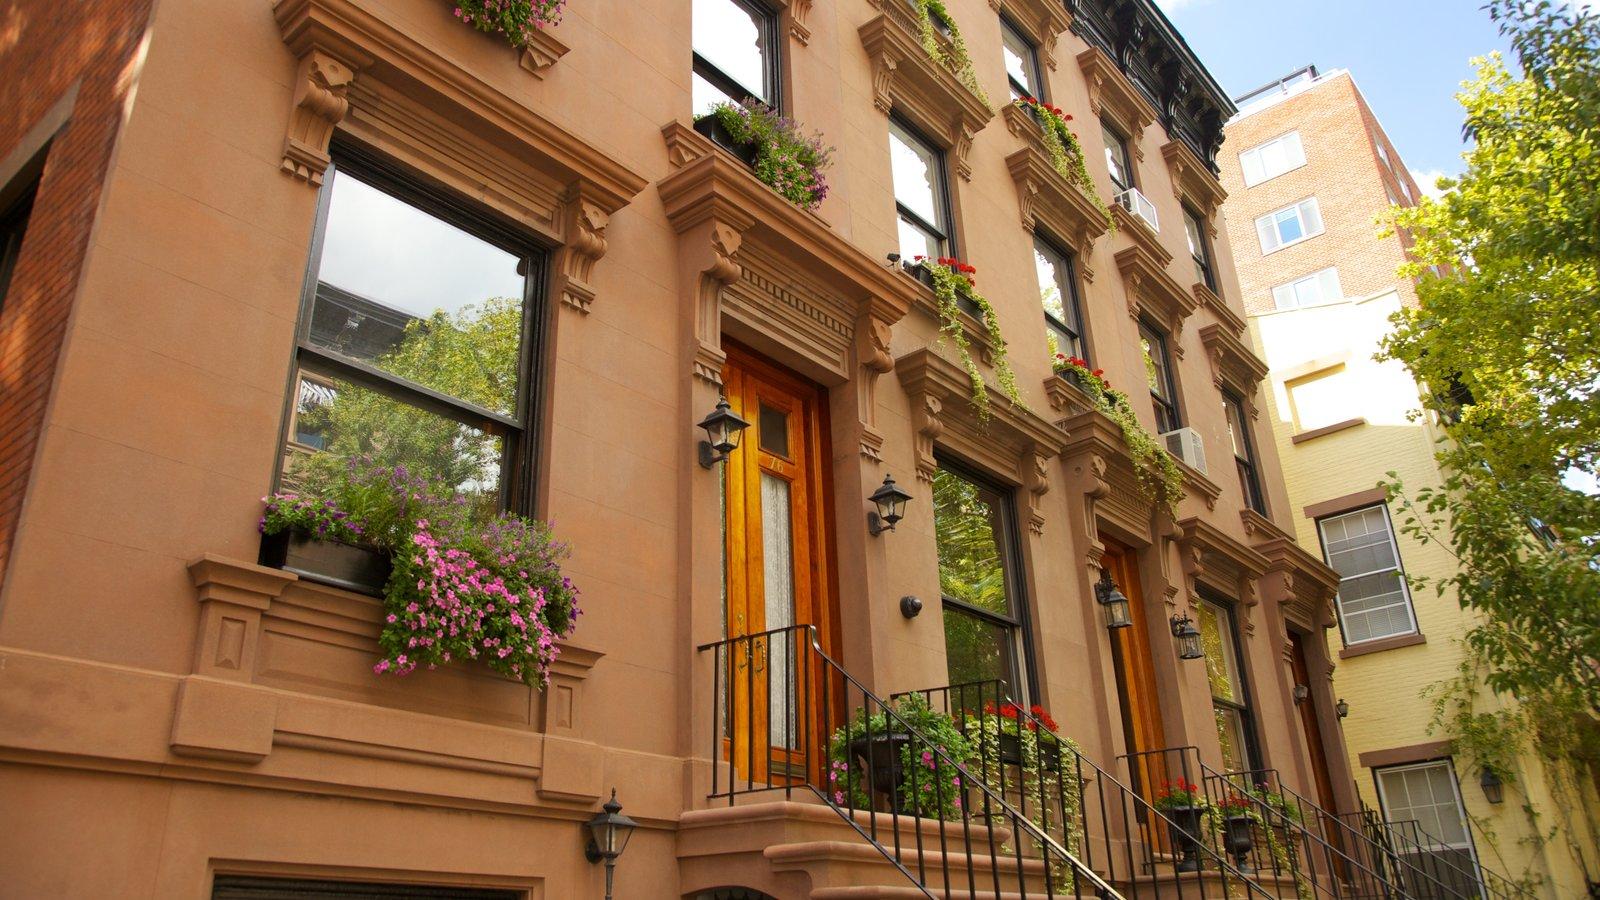 Brooklyn que inclui uma cidade e arquitetura de patrimônio